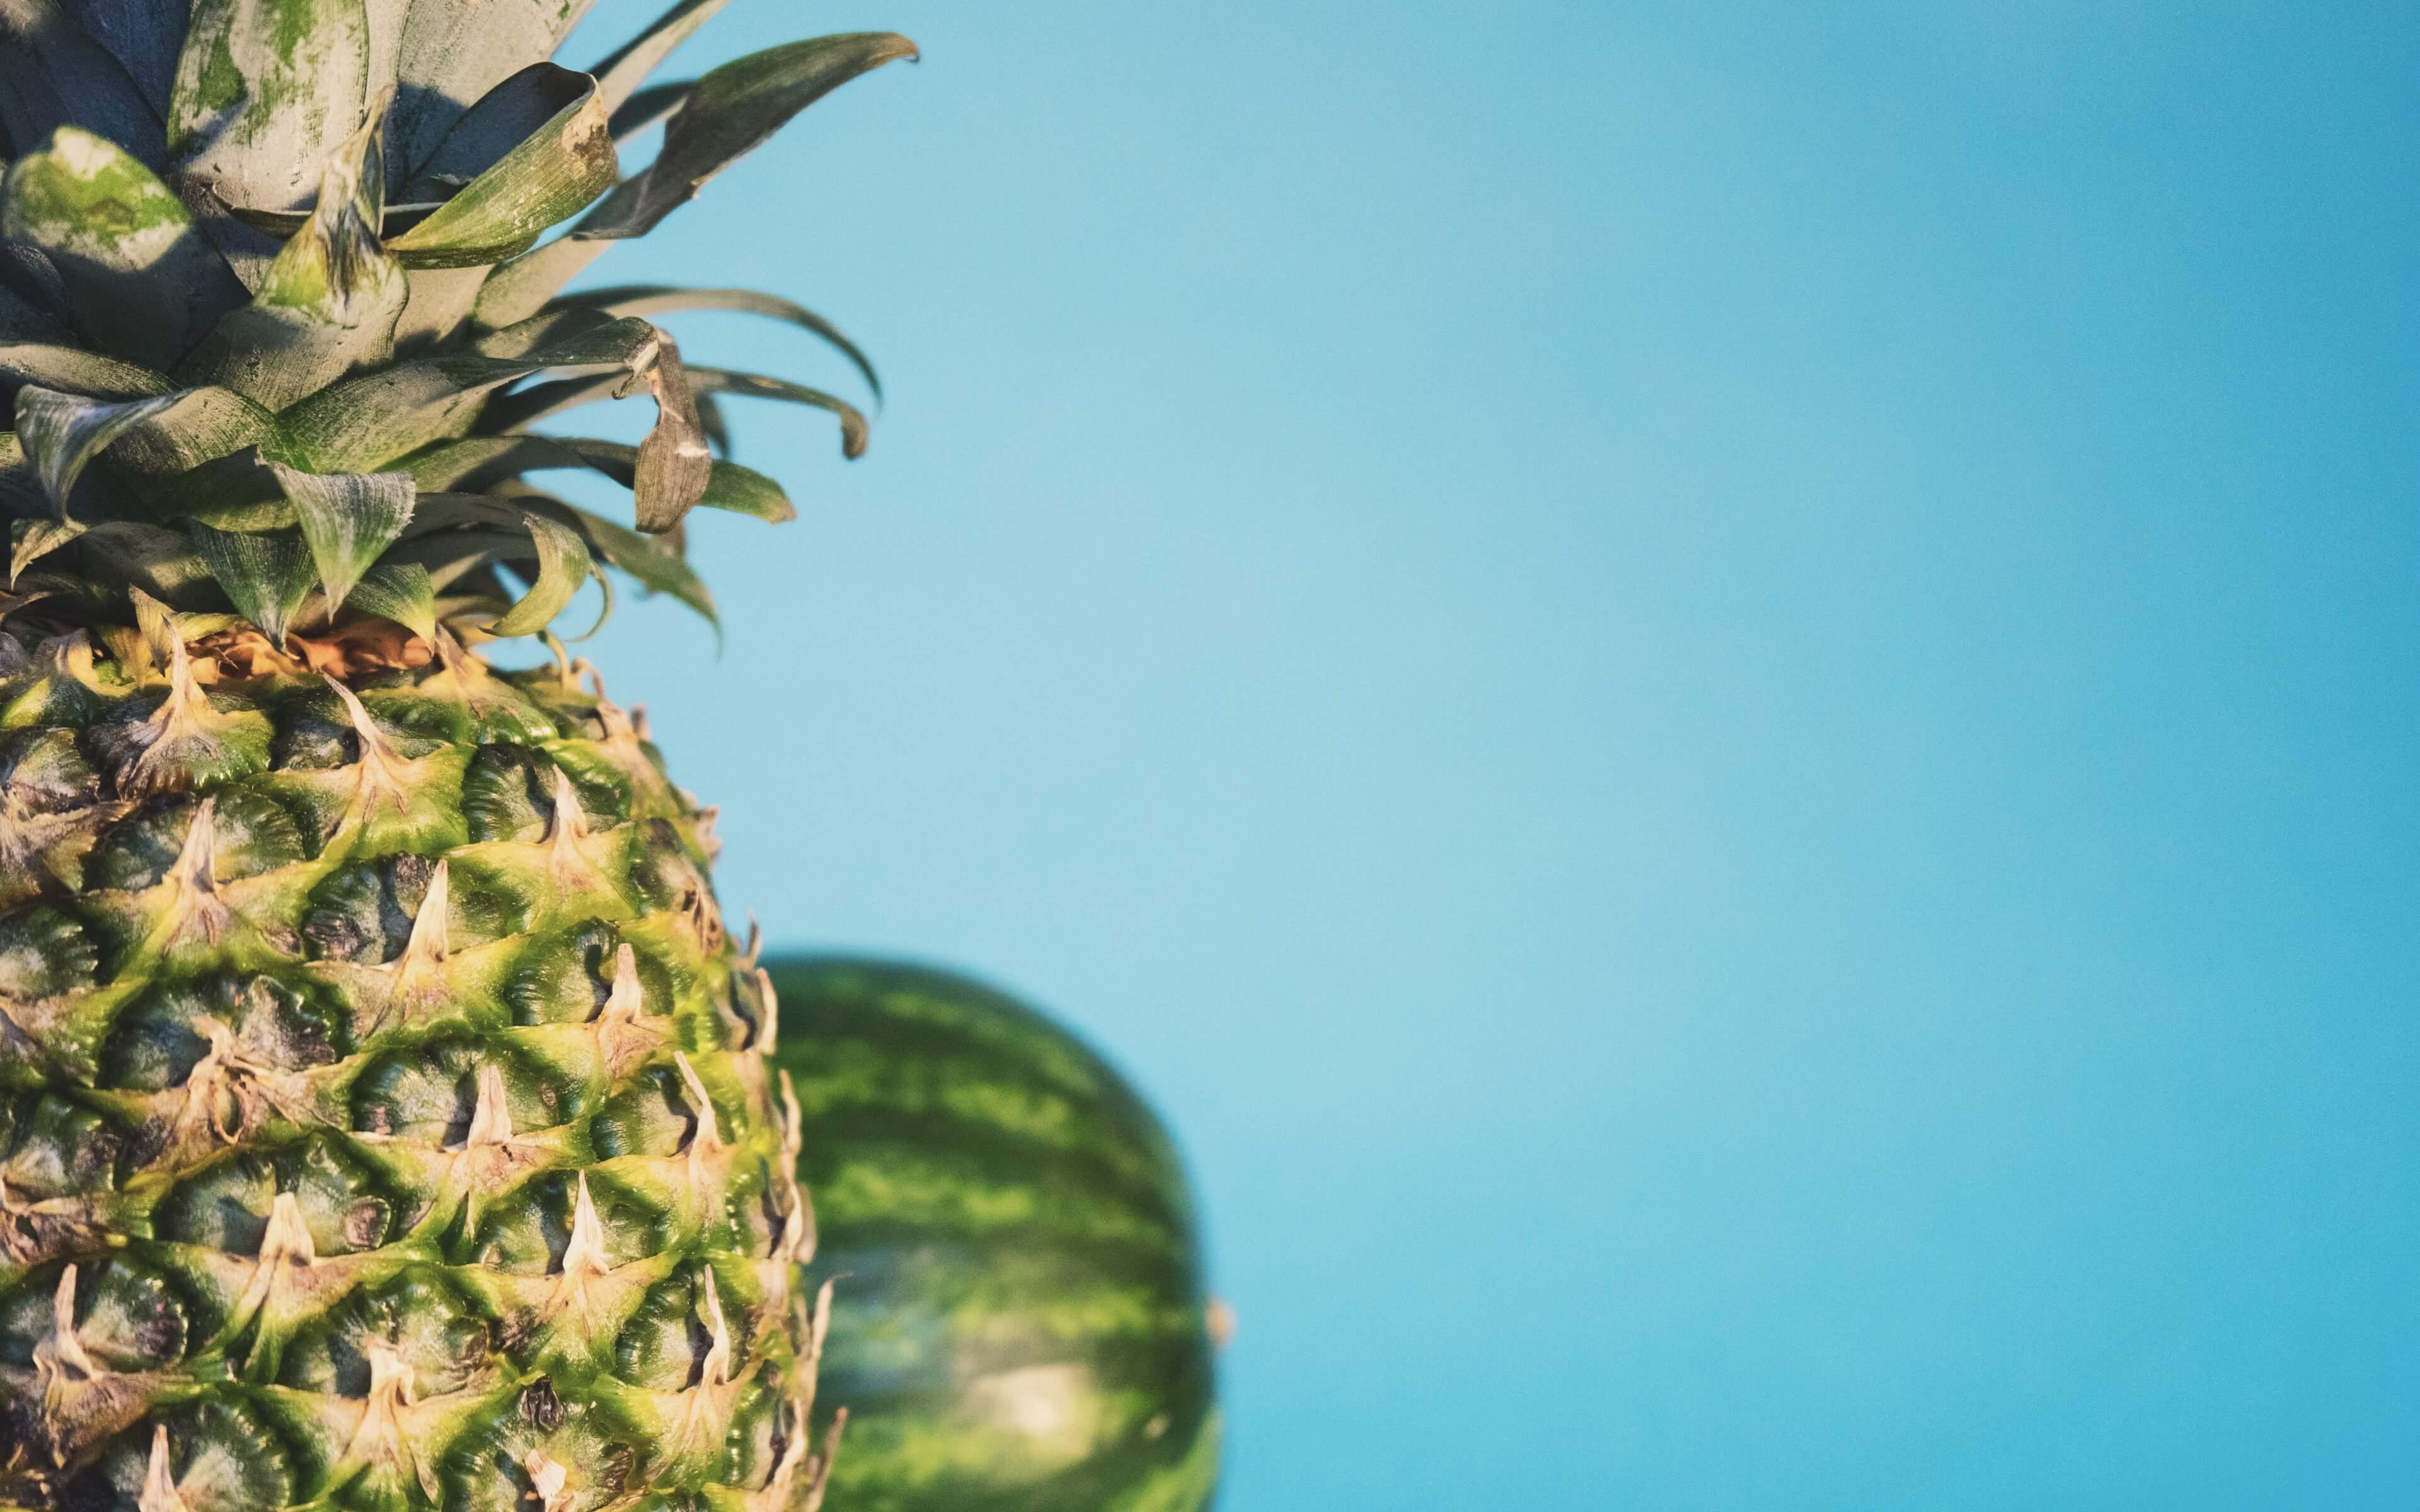 Красивые и прикольные картинки, обои ананаса - подборка 2018 8